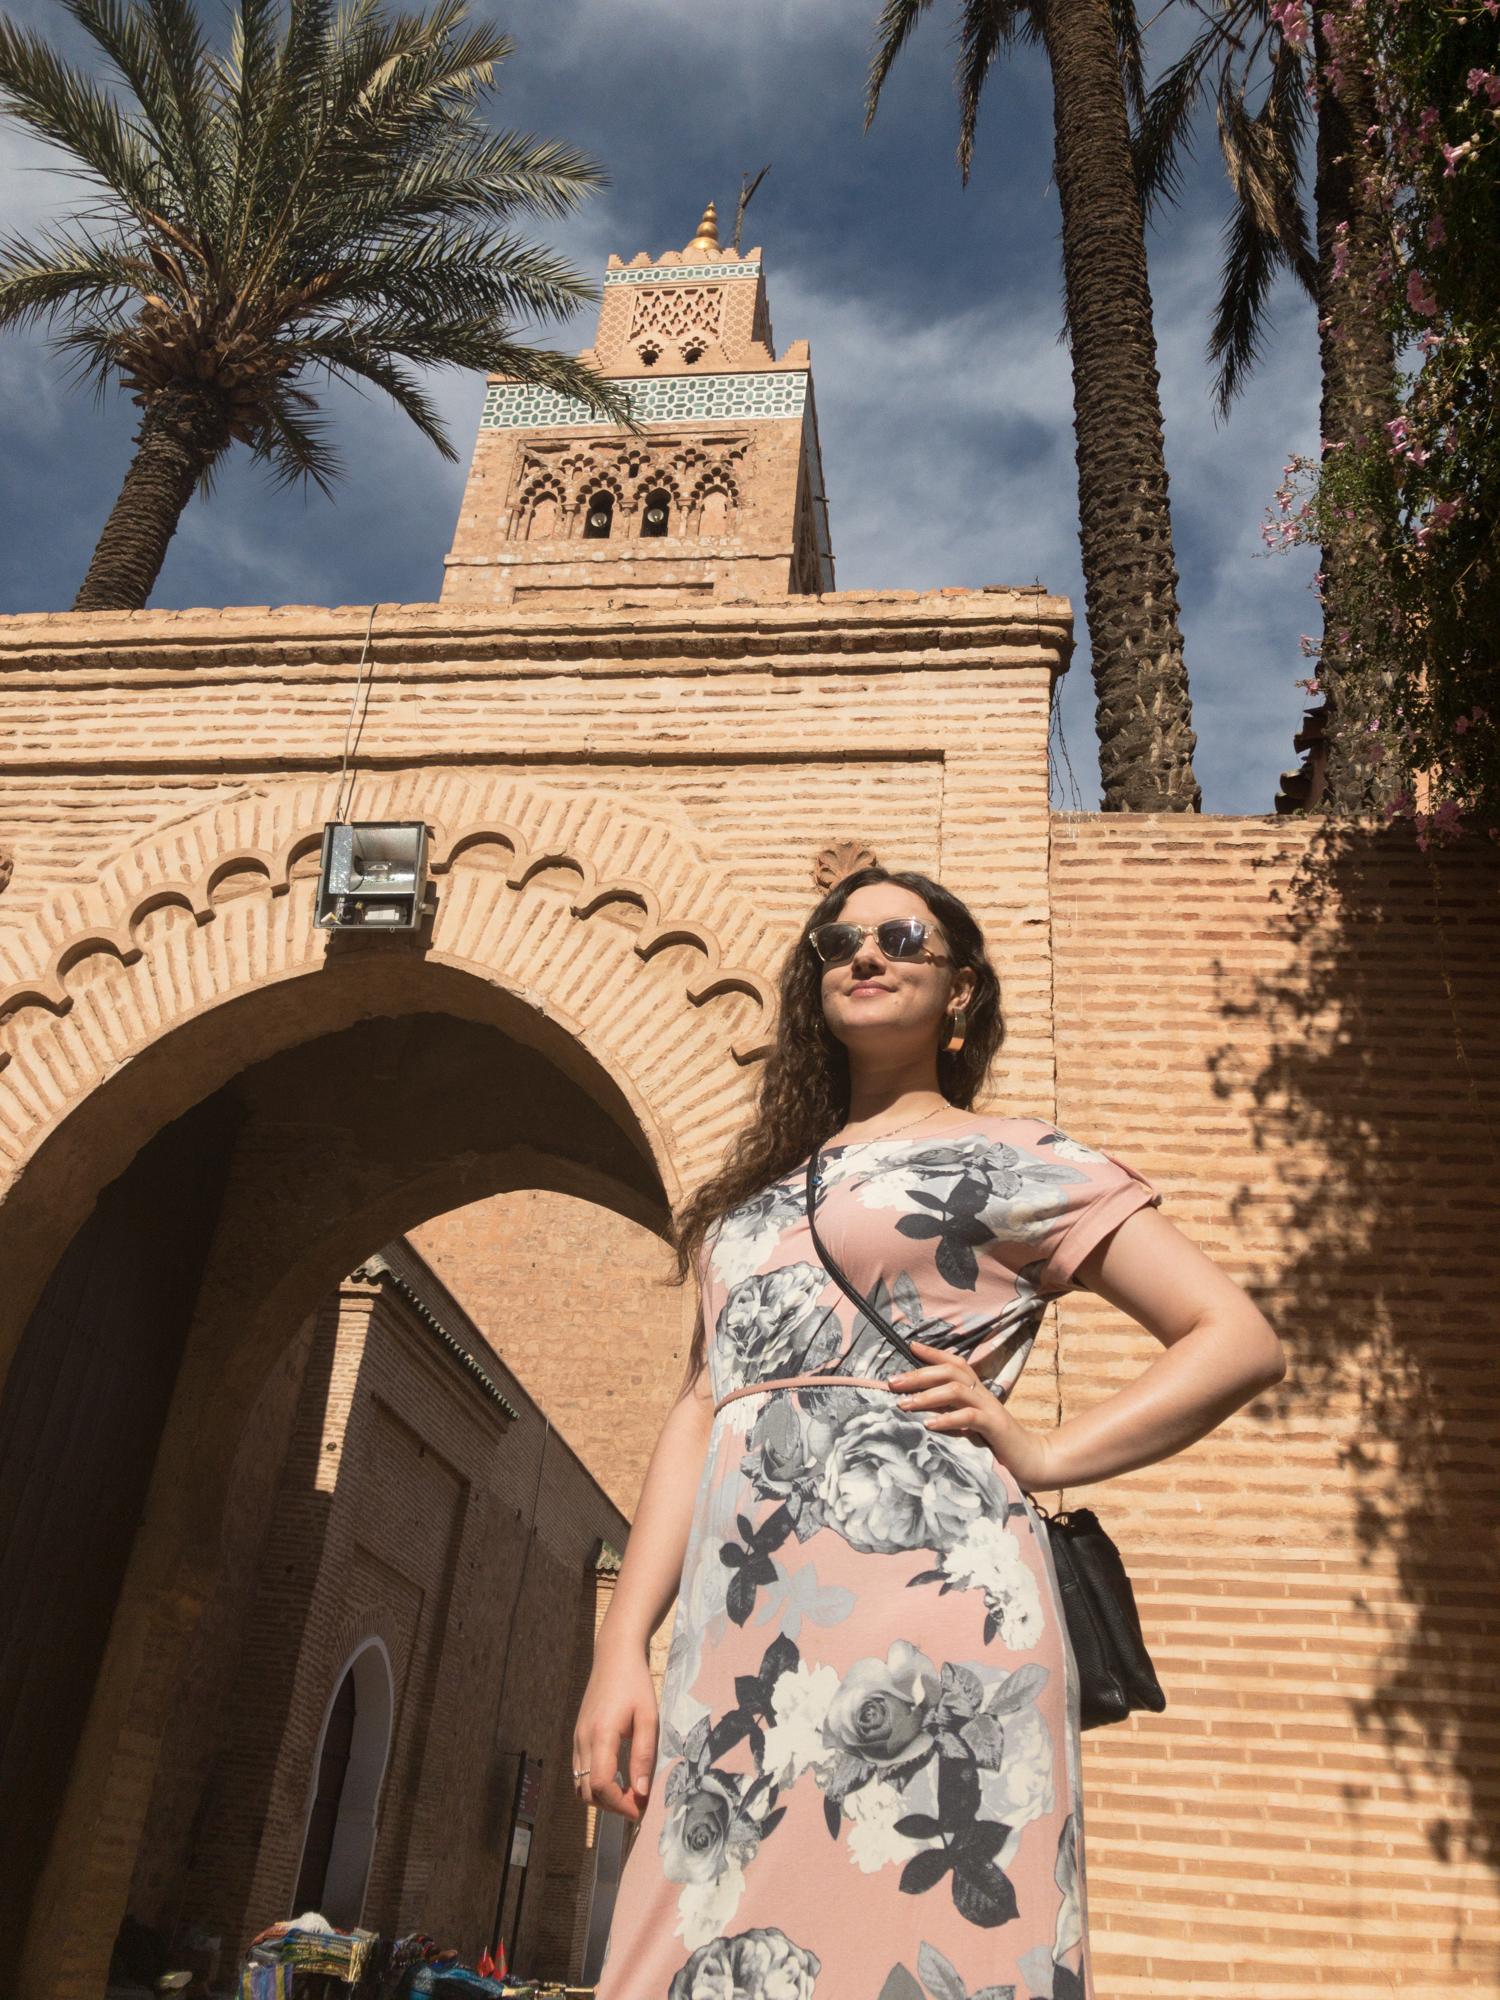 Marrakech_iPhone8+_Photos - Blog_Photos-17.jpg